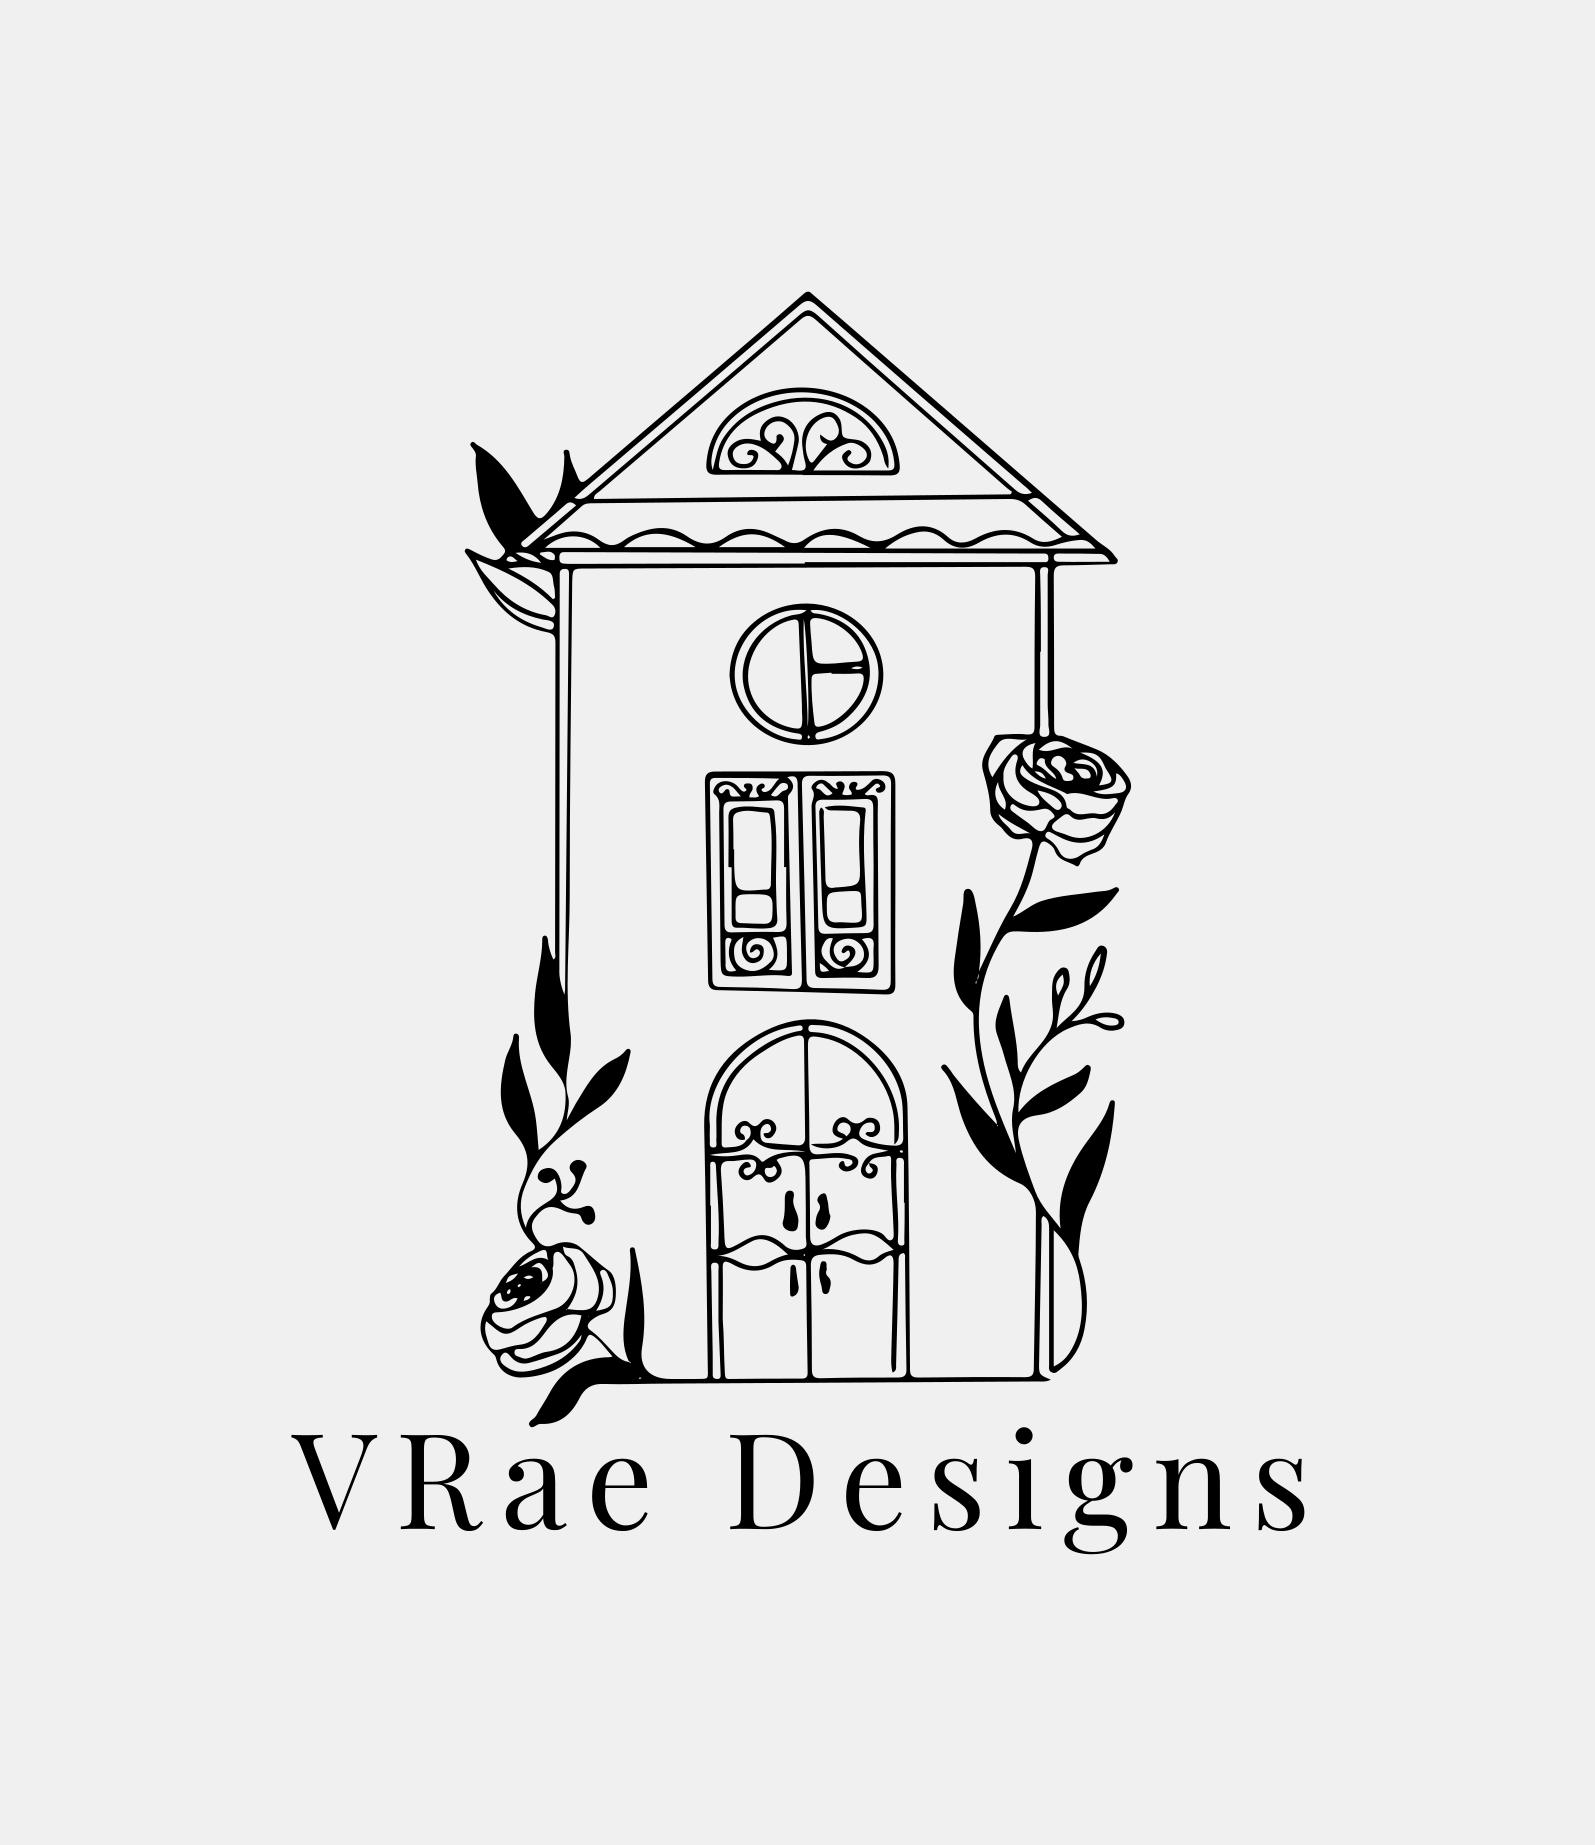 VRae Designs